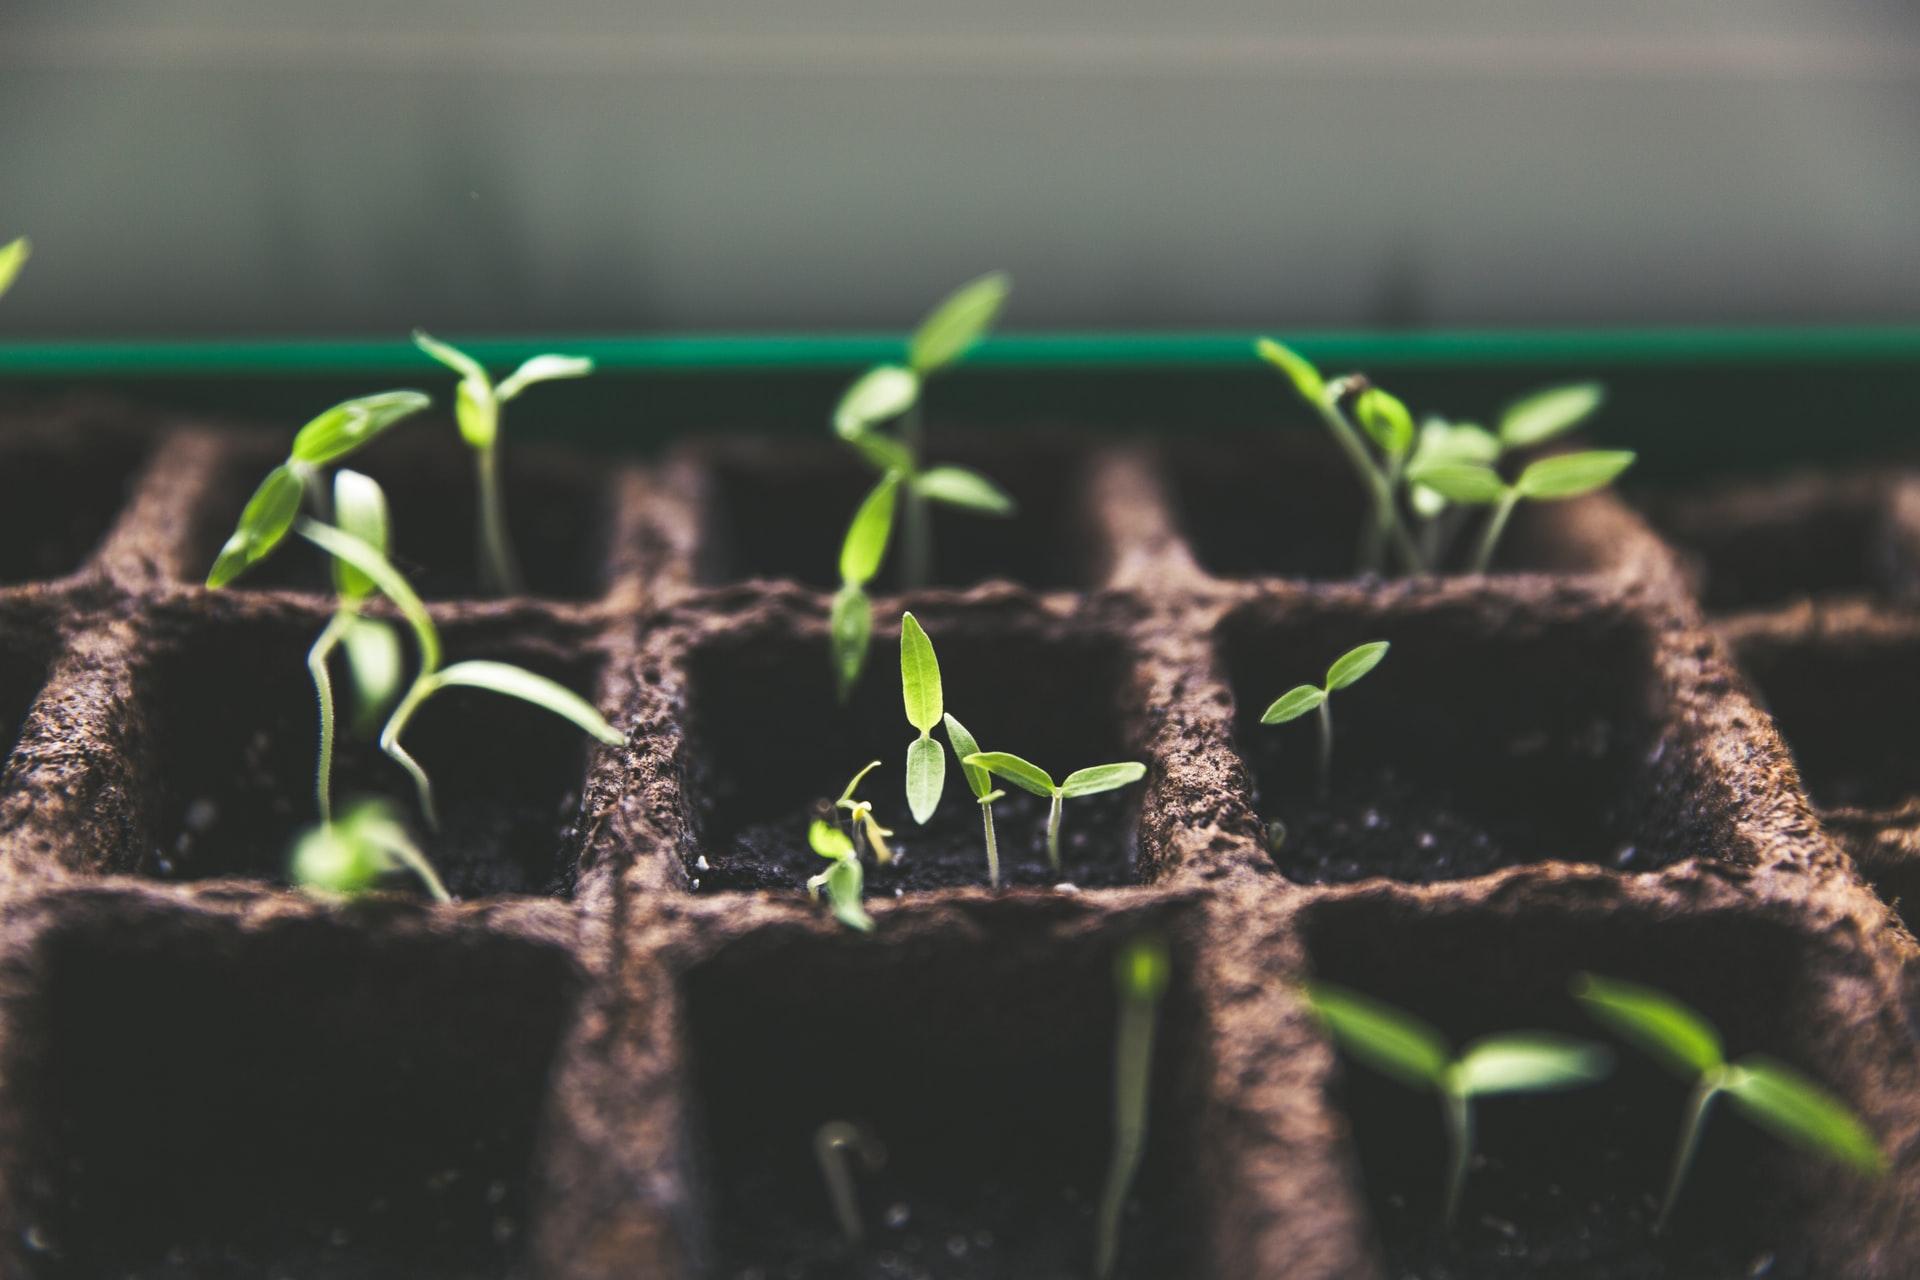 Paprika anziehen: Kleine Pflanzen entwickeln ihre ersten Blätter